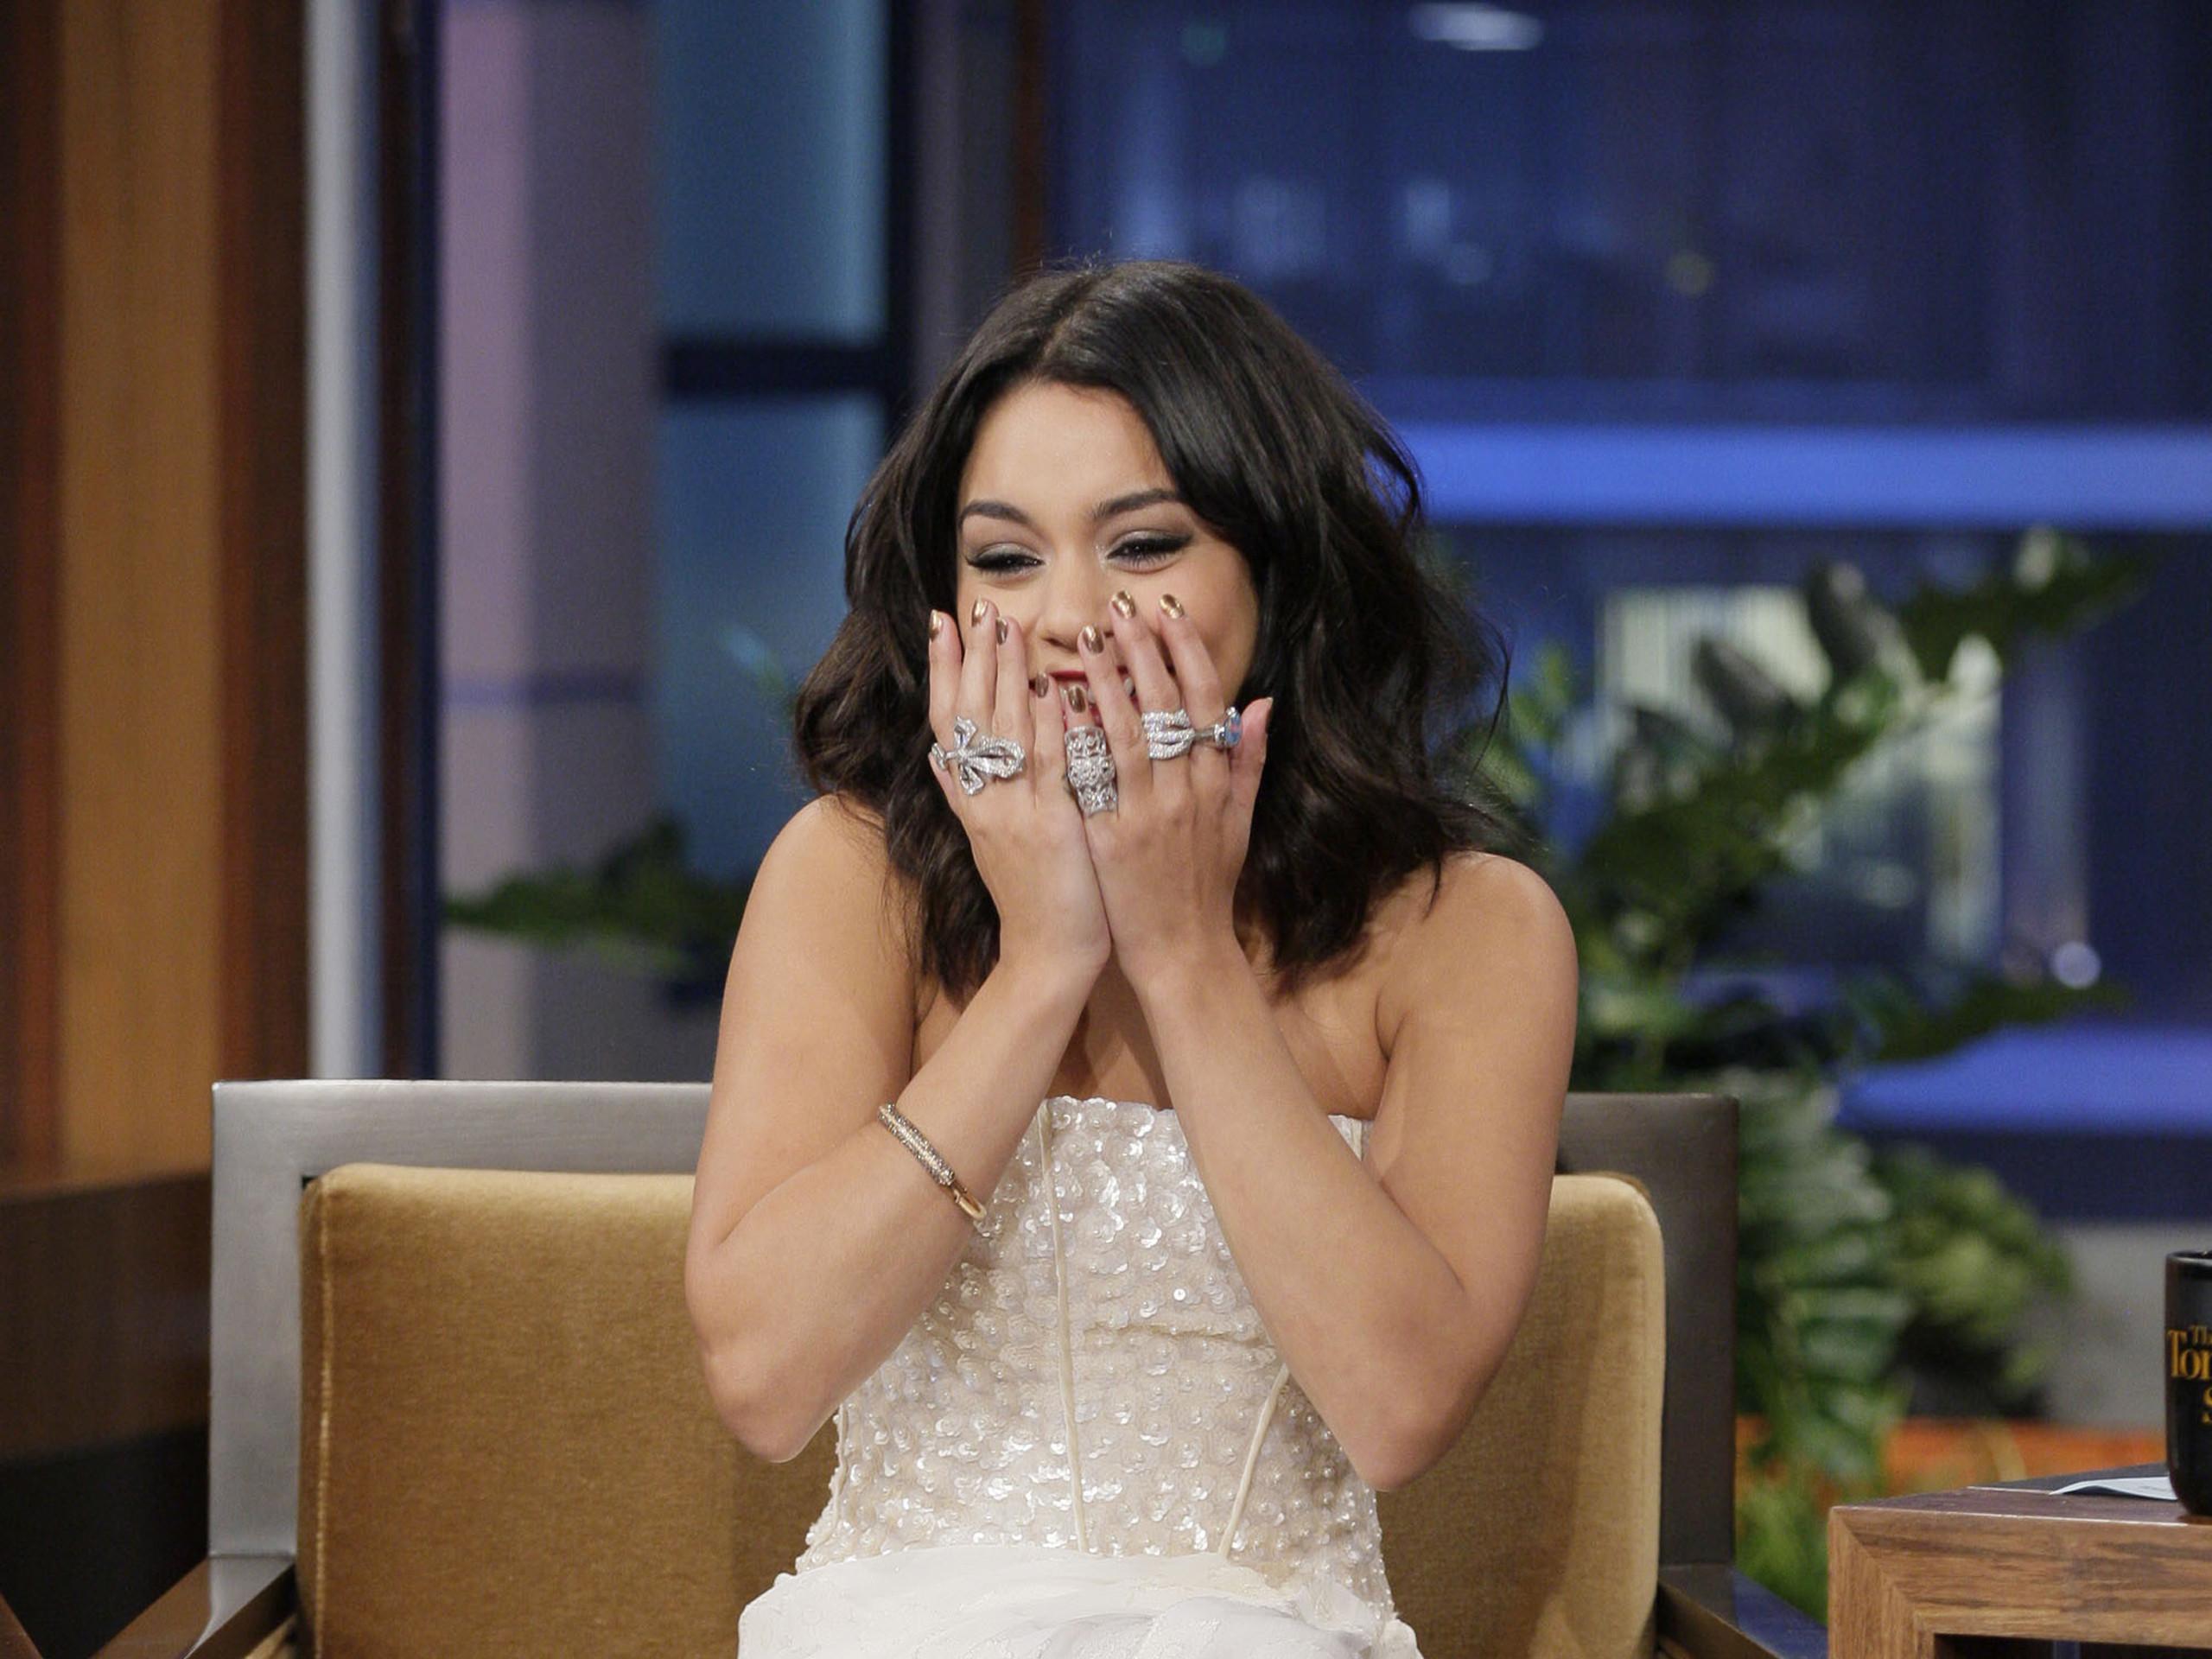 Res: 2560x1920, Vanessa Hudgens At Tonight Show With Jay Leno